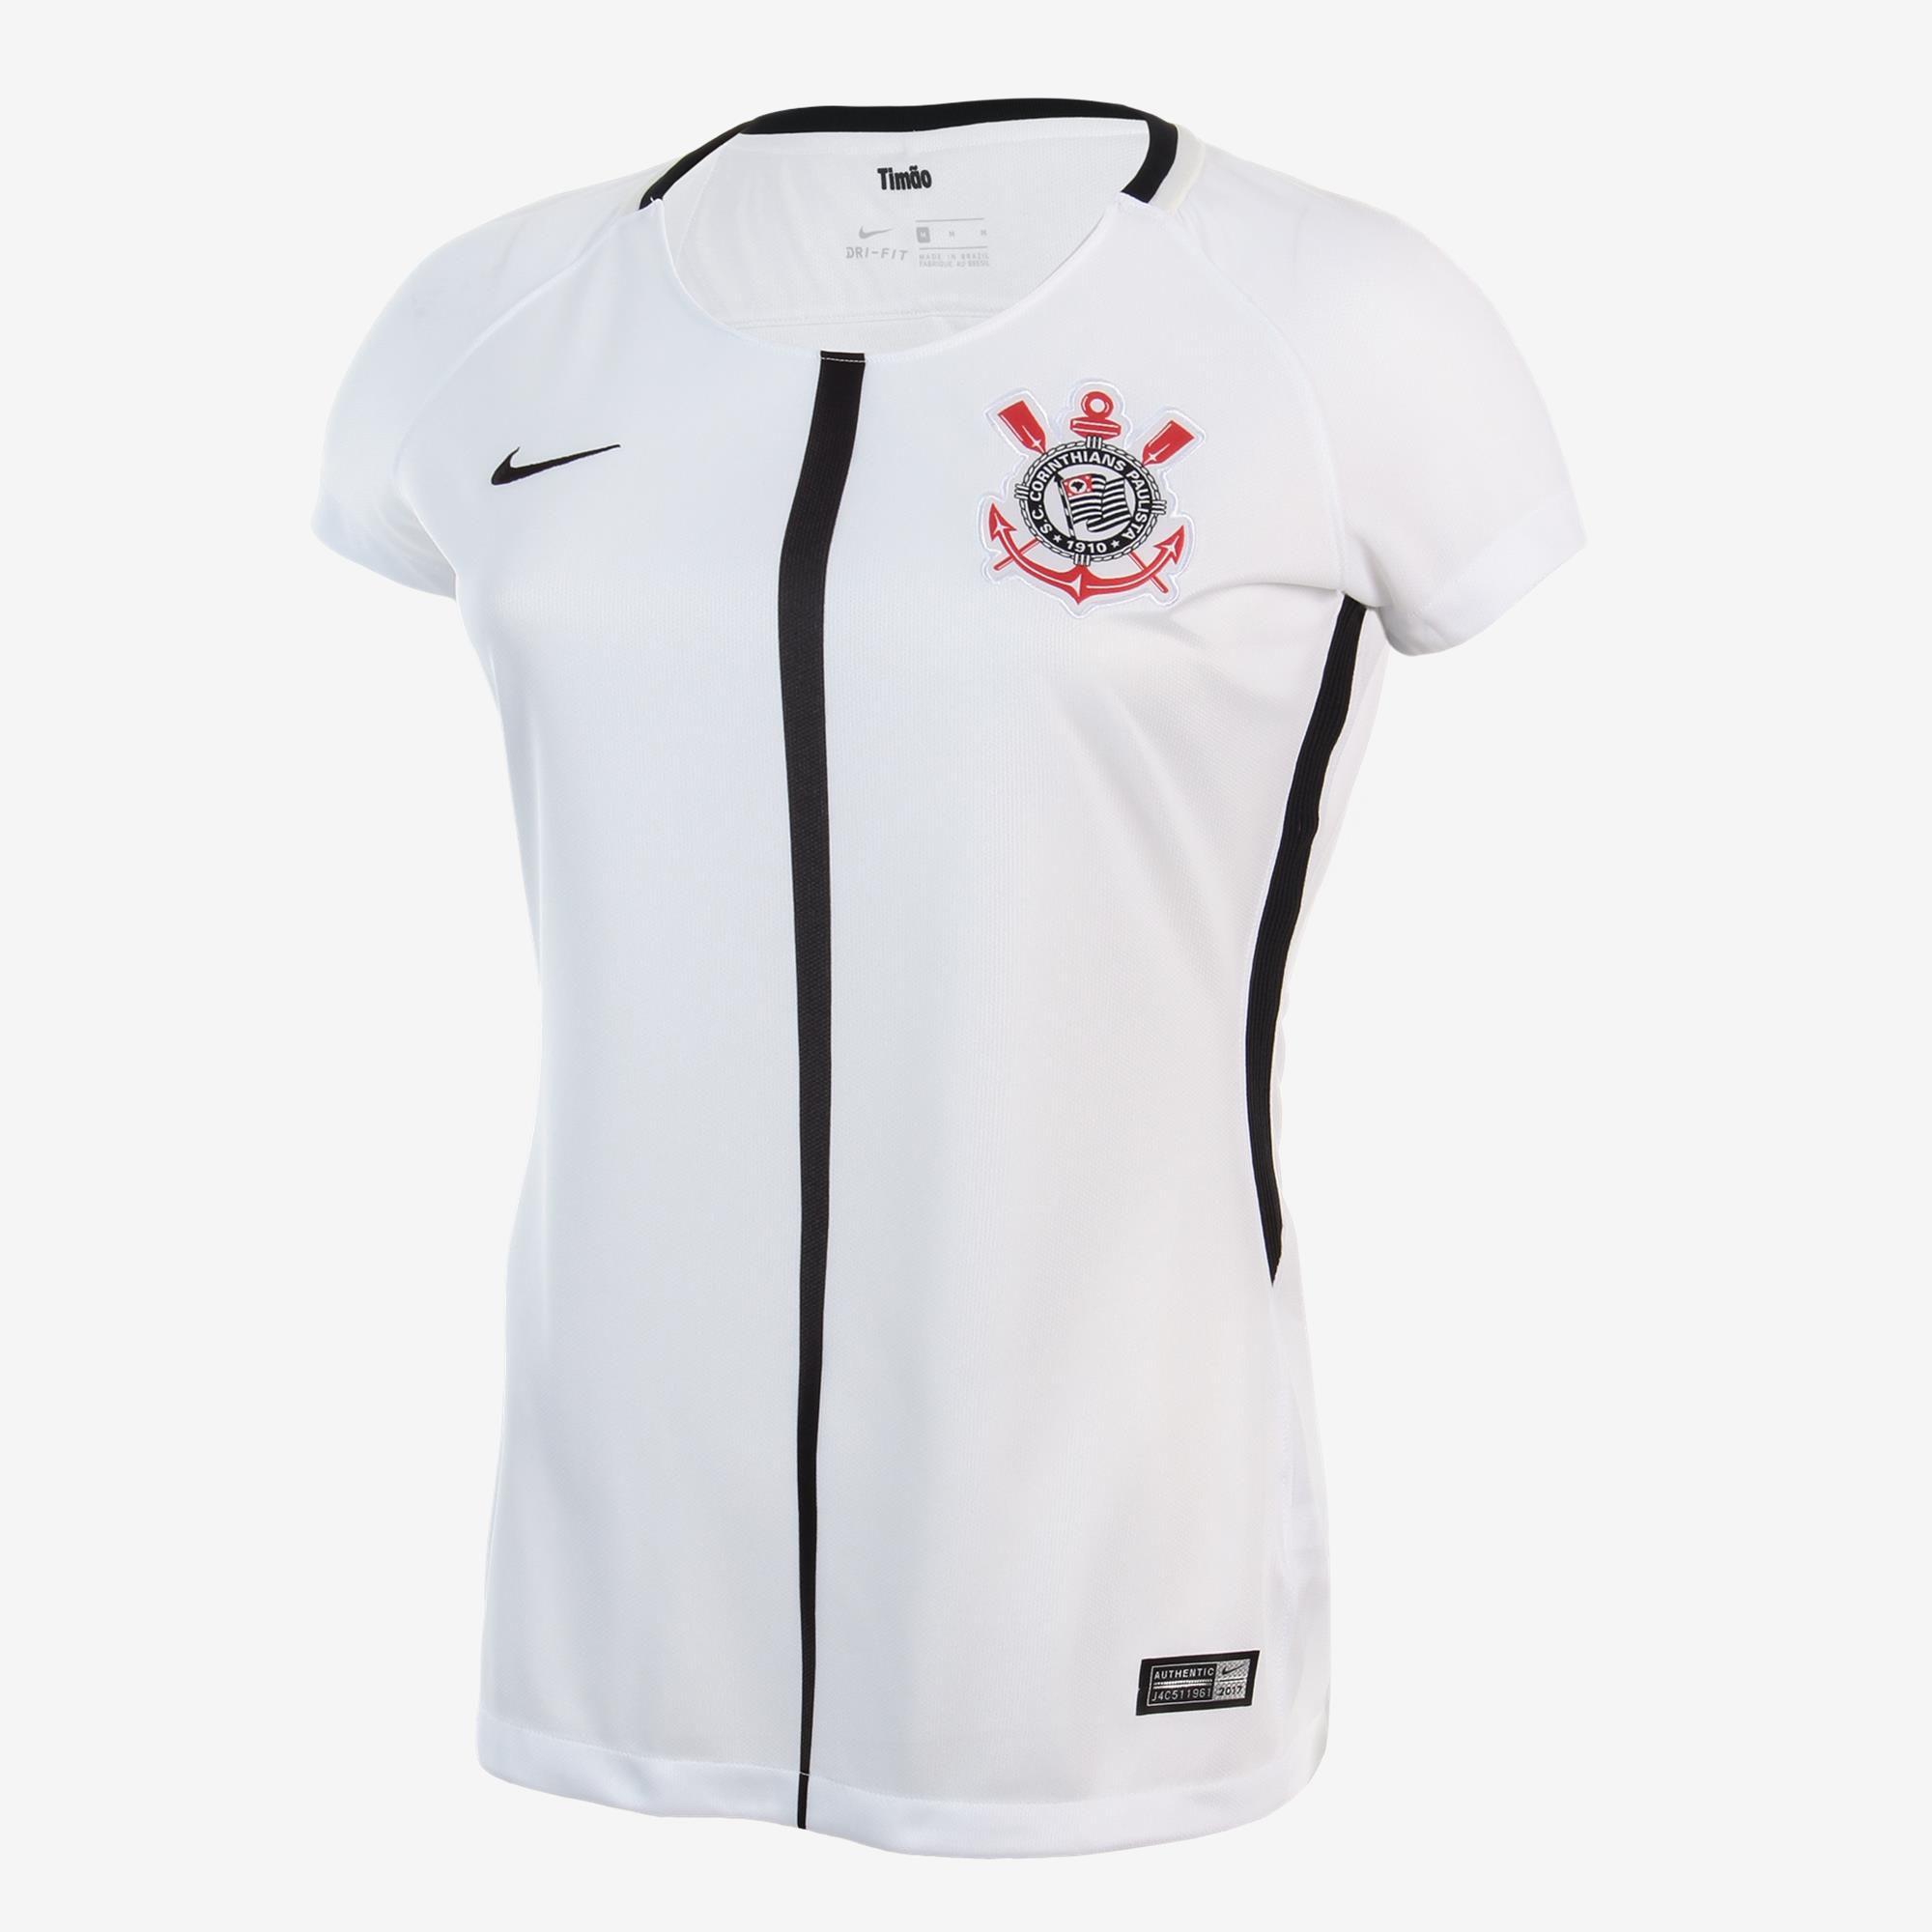 316af2257 Camiseta Feminina Corinthians i 17/18 S/nº Dri-fit Torcedor Oficial ...